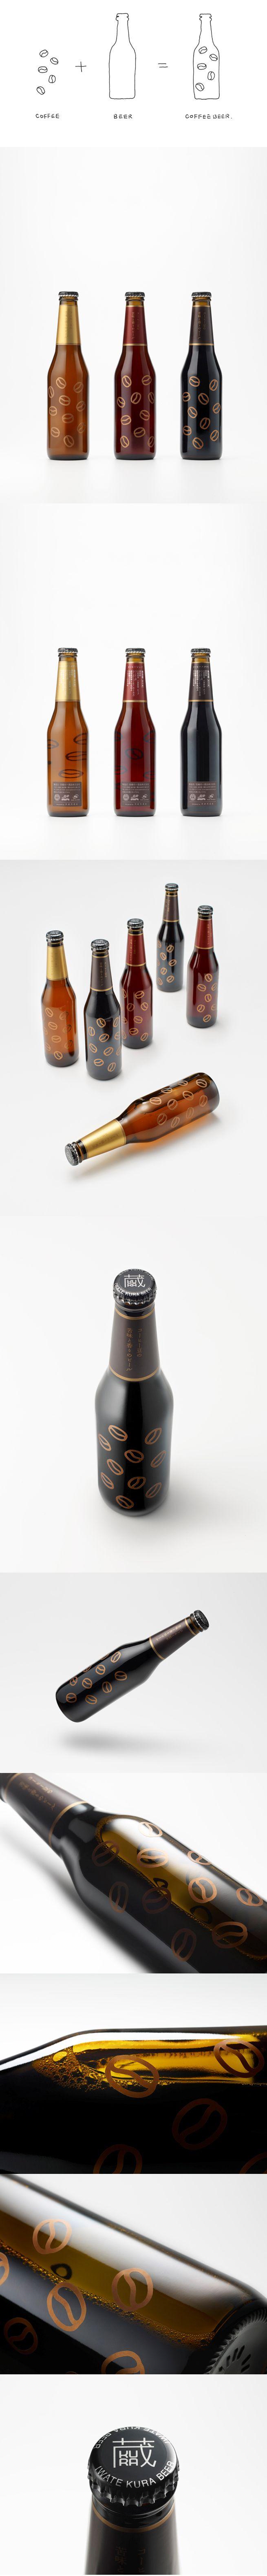 크리에이티브 에이전시 넨도 Nendo 가  세키노이치 Sekinoichi 의 새로운 커피 맥주 Coffee Beer 를 디자인했다. 일본 케센누마의 소규모 사업인 앵커 커피 Anchor Coffee 와 같은 이치노세키의 맥주 양조장 세키노이치 Sekinoichi 의 콜라보레이션으로 이루어지는 이번 커피 맥주는 시사하는 바가 크다. 케센누마와 이치노세키는 모두 2011년의 쓰나미 사태와 지진으로 거의 파괴 되었기 때문. 이번 맥주 프로젝트는 재해로 인한 지역의 피해를 보상하는 지역 비즈니스의 펀드 레이징 자선프로젝트다.  예산을 줄이기 위해 넨도는 헌병을 일일이 손으로 커피 원두 모양의 작은 라벨들로 커버해 디자인했다고 밝혔다. 병은 브랜드 아이덴티티와 유니크함을 위해 심플하게 디자인되었다. 가장 큰 주요포인트는 대형 맥주 주조사들이 생산할 수 없는 제품을 디자인하고자 했다는 것. 디자인을 맡은 넨도의 관계자는 패키징에 커피와 맥주 장인들의 생각과 느낌을 한병 한병 담았다고.